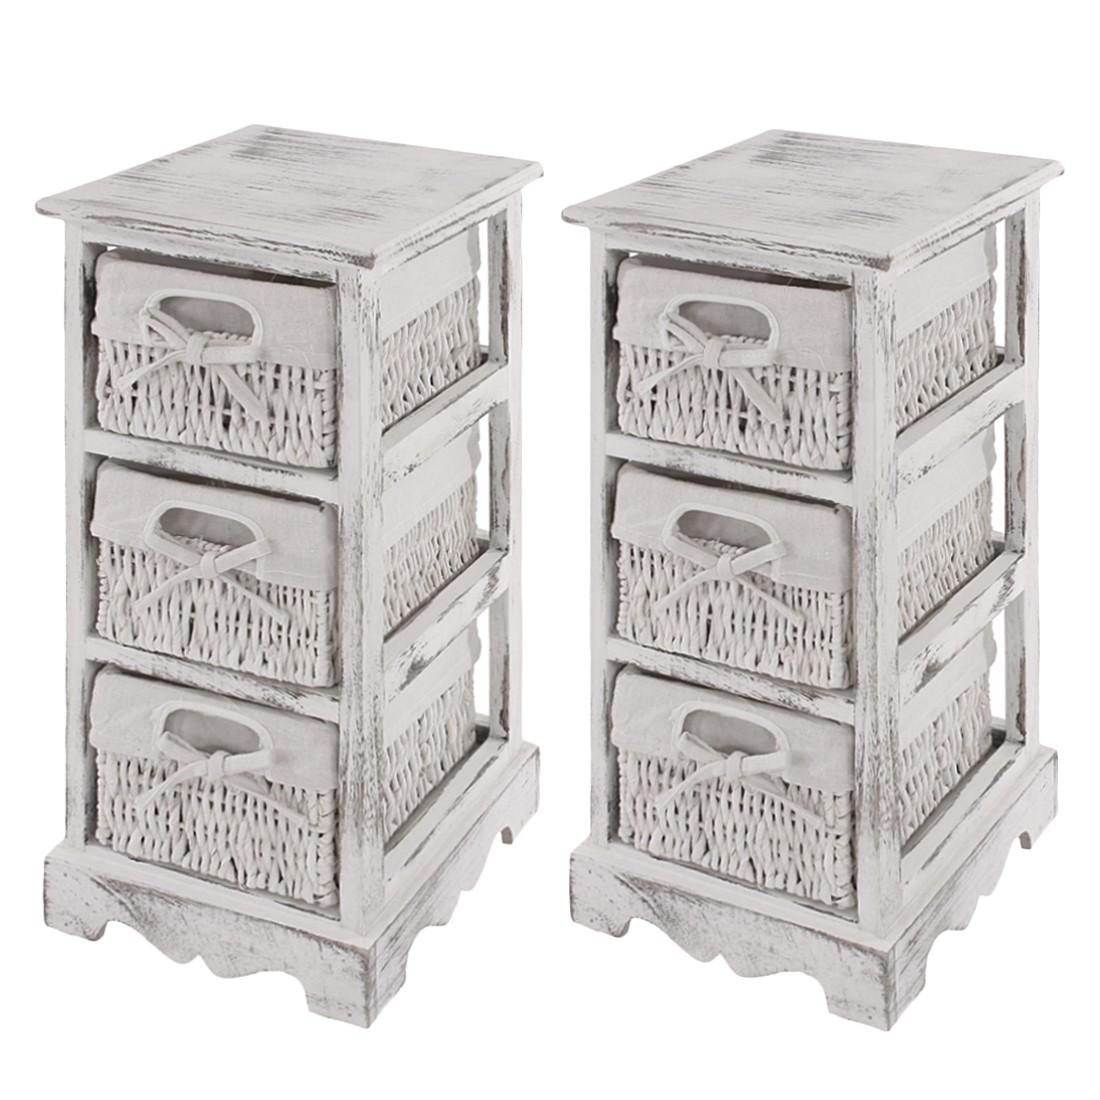 2x Regal  mit 3 Korbschubladen 58x25x28cm, Shabby-Look, Vintage - weiß, Mendler